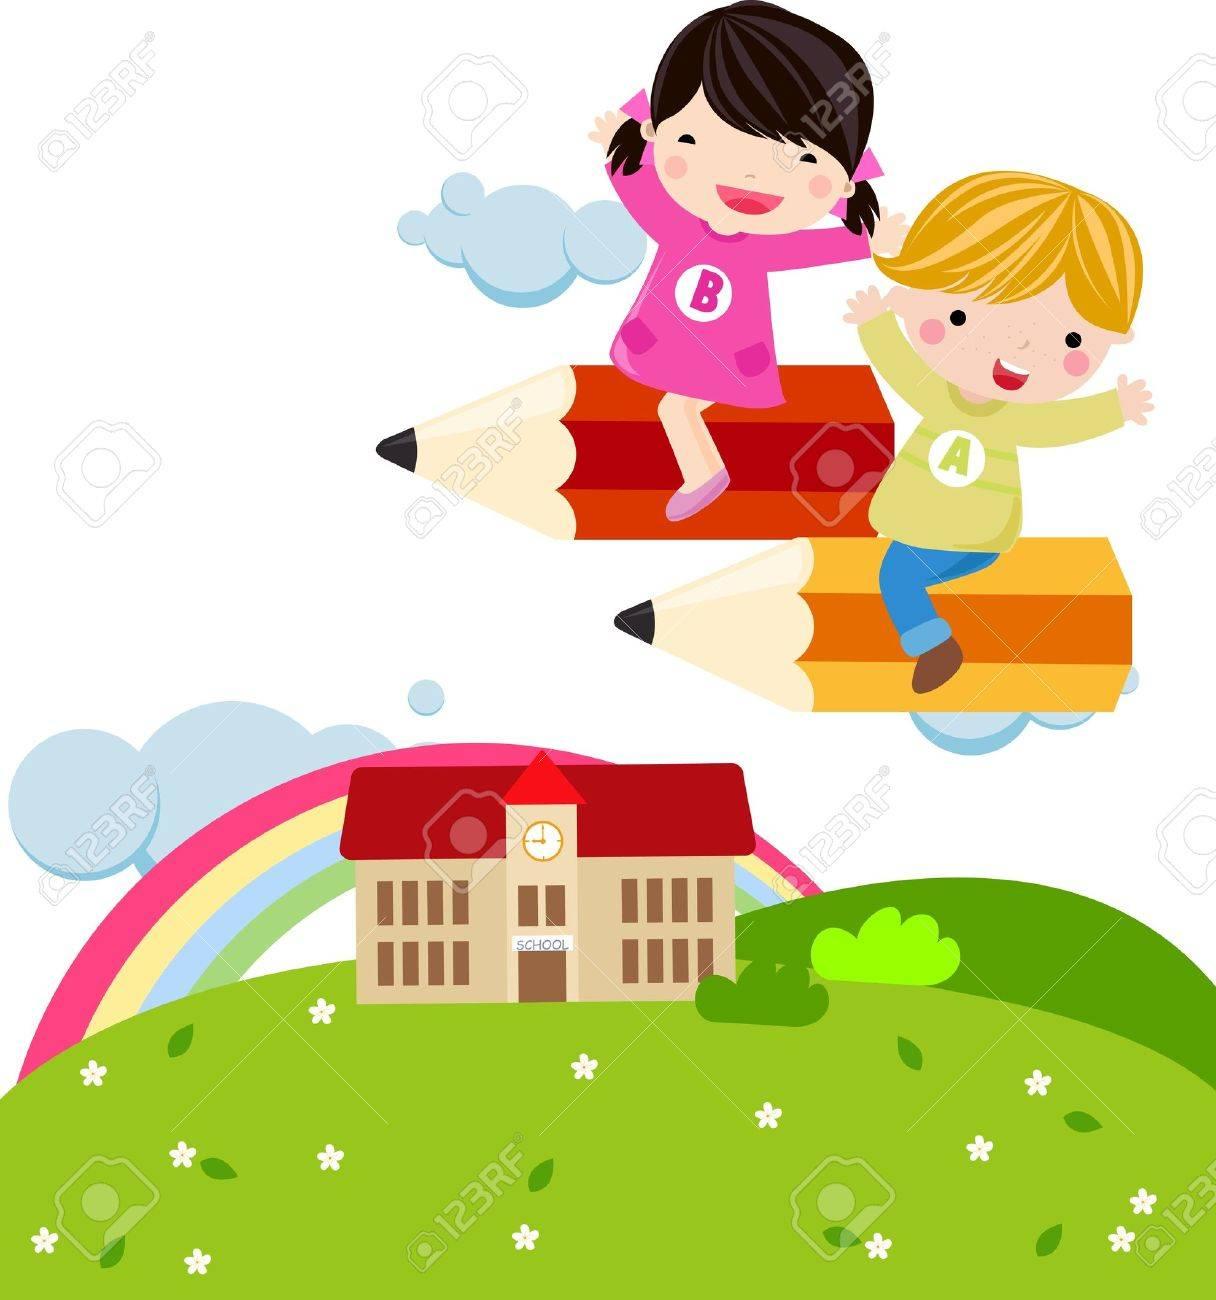 Welcome to school Stock Vector - 16721463